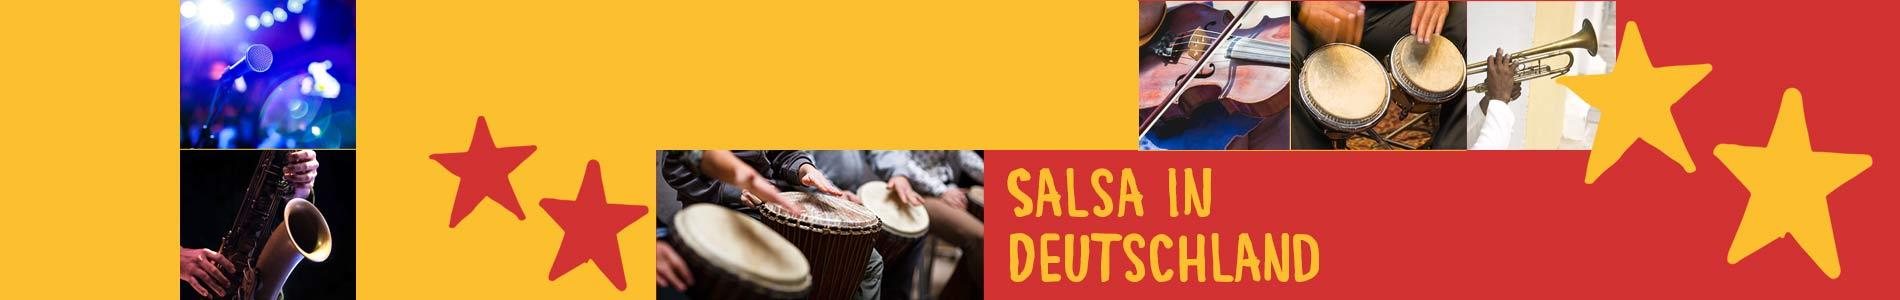 Salsa in Demen – Salsa lernen und tanzen, Tanzkurse, Partys, Veranstaltungen